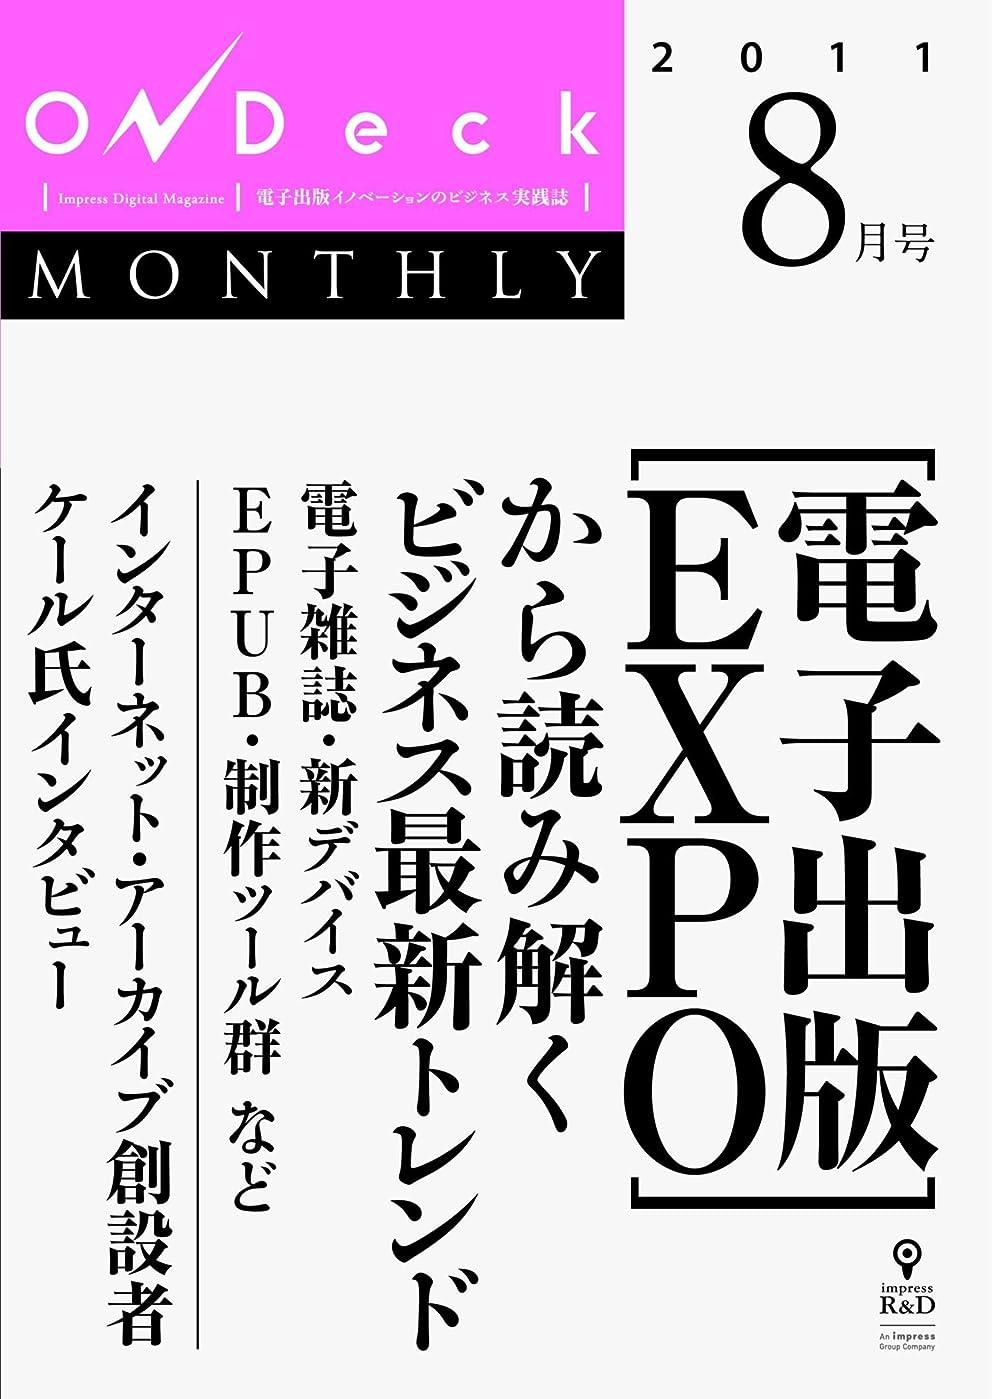 検索エンジンマーケティングキャンバス葉っぱOnDeck monthly 2011年8月号